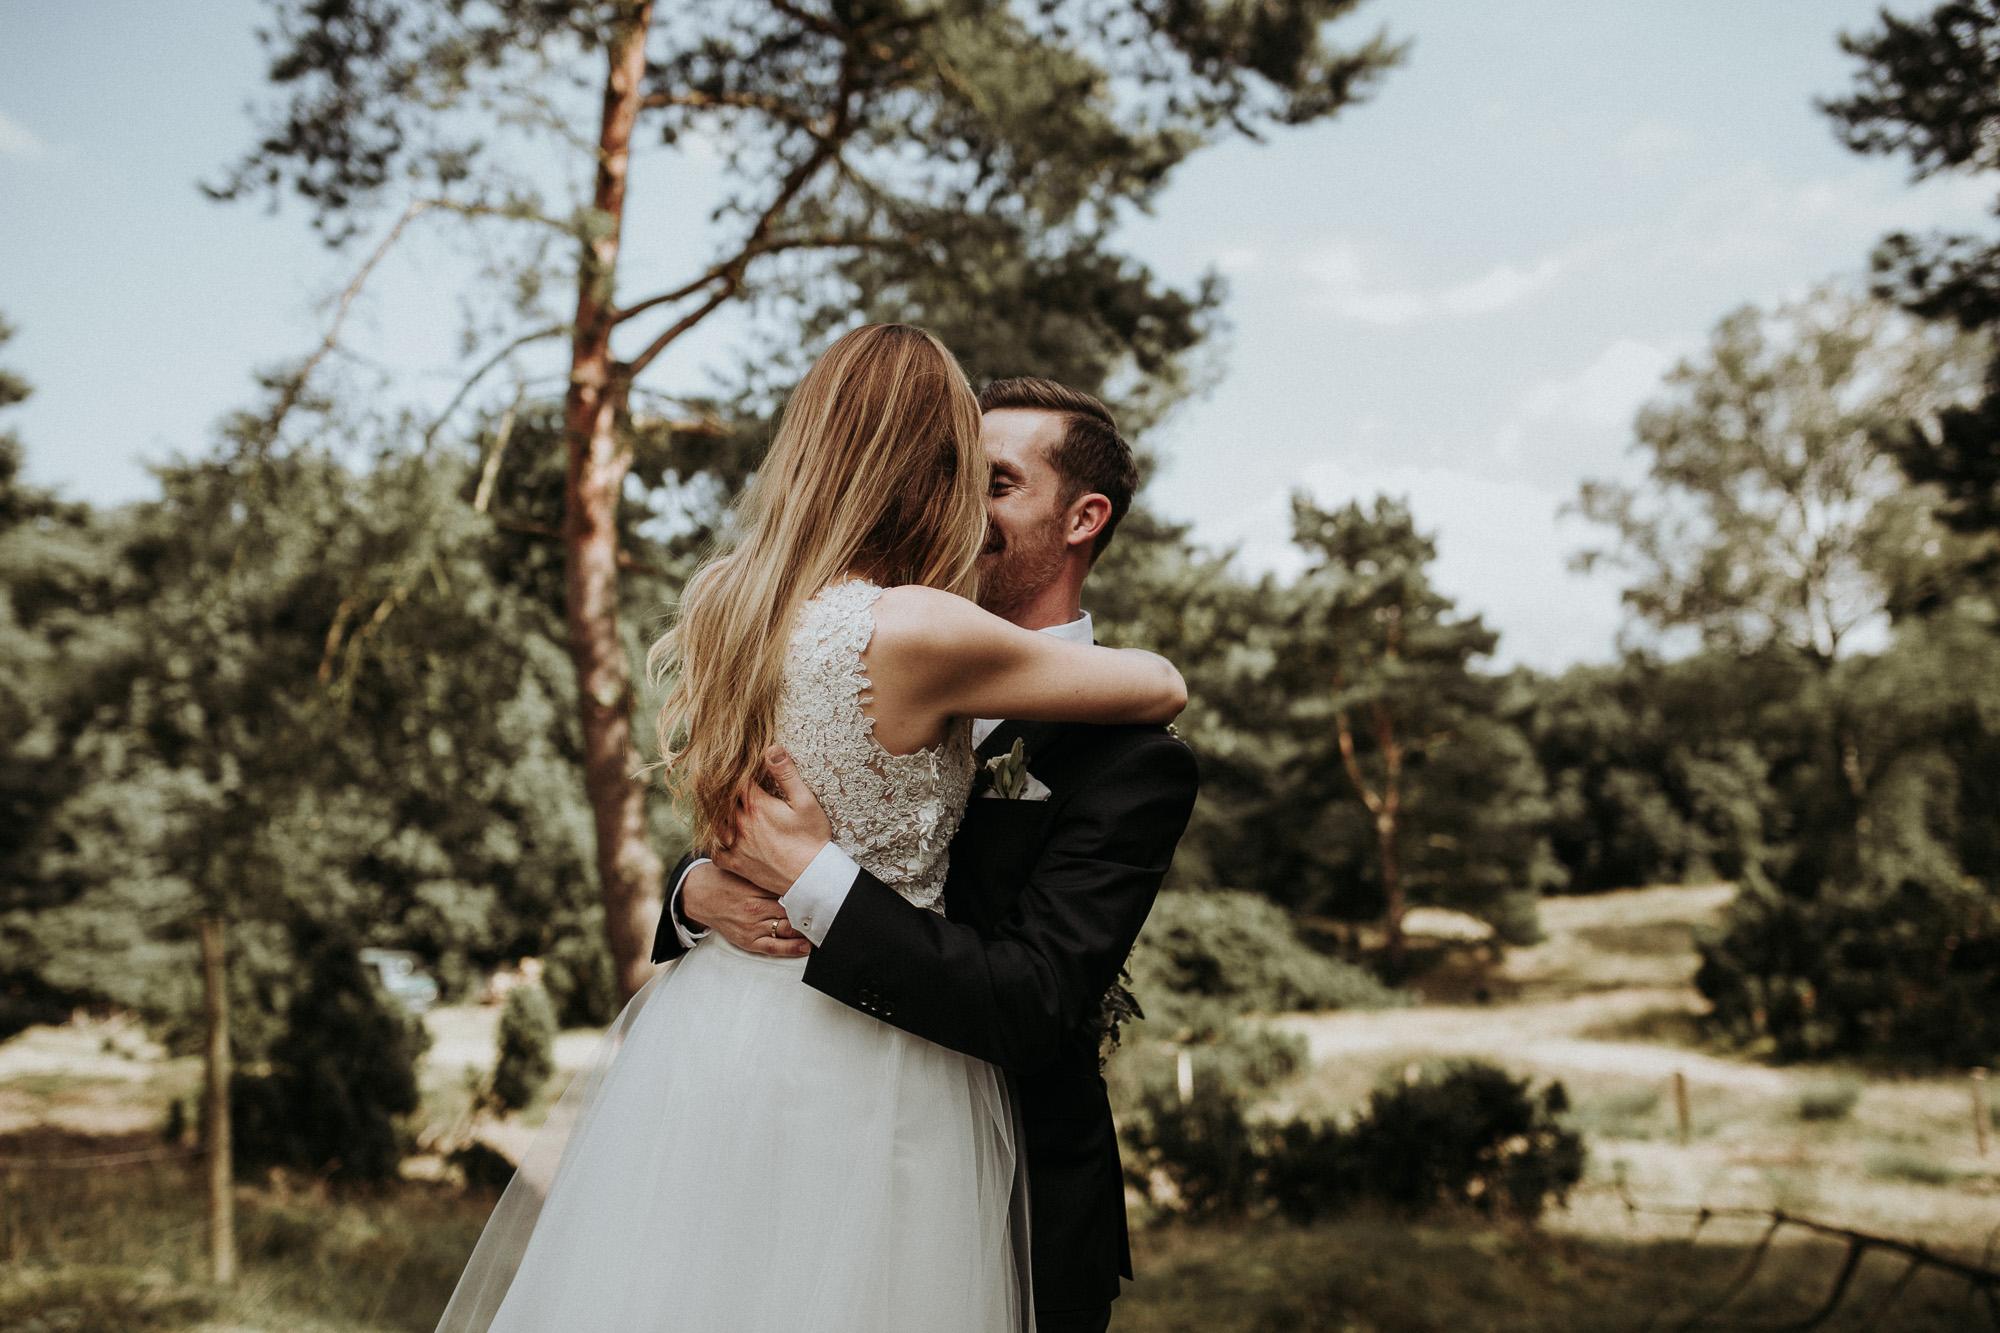 Hochzeitsfotograf_Dinslaken_Hanna_Marc49